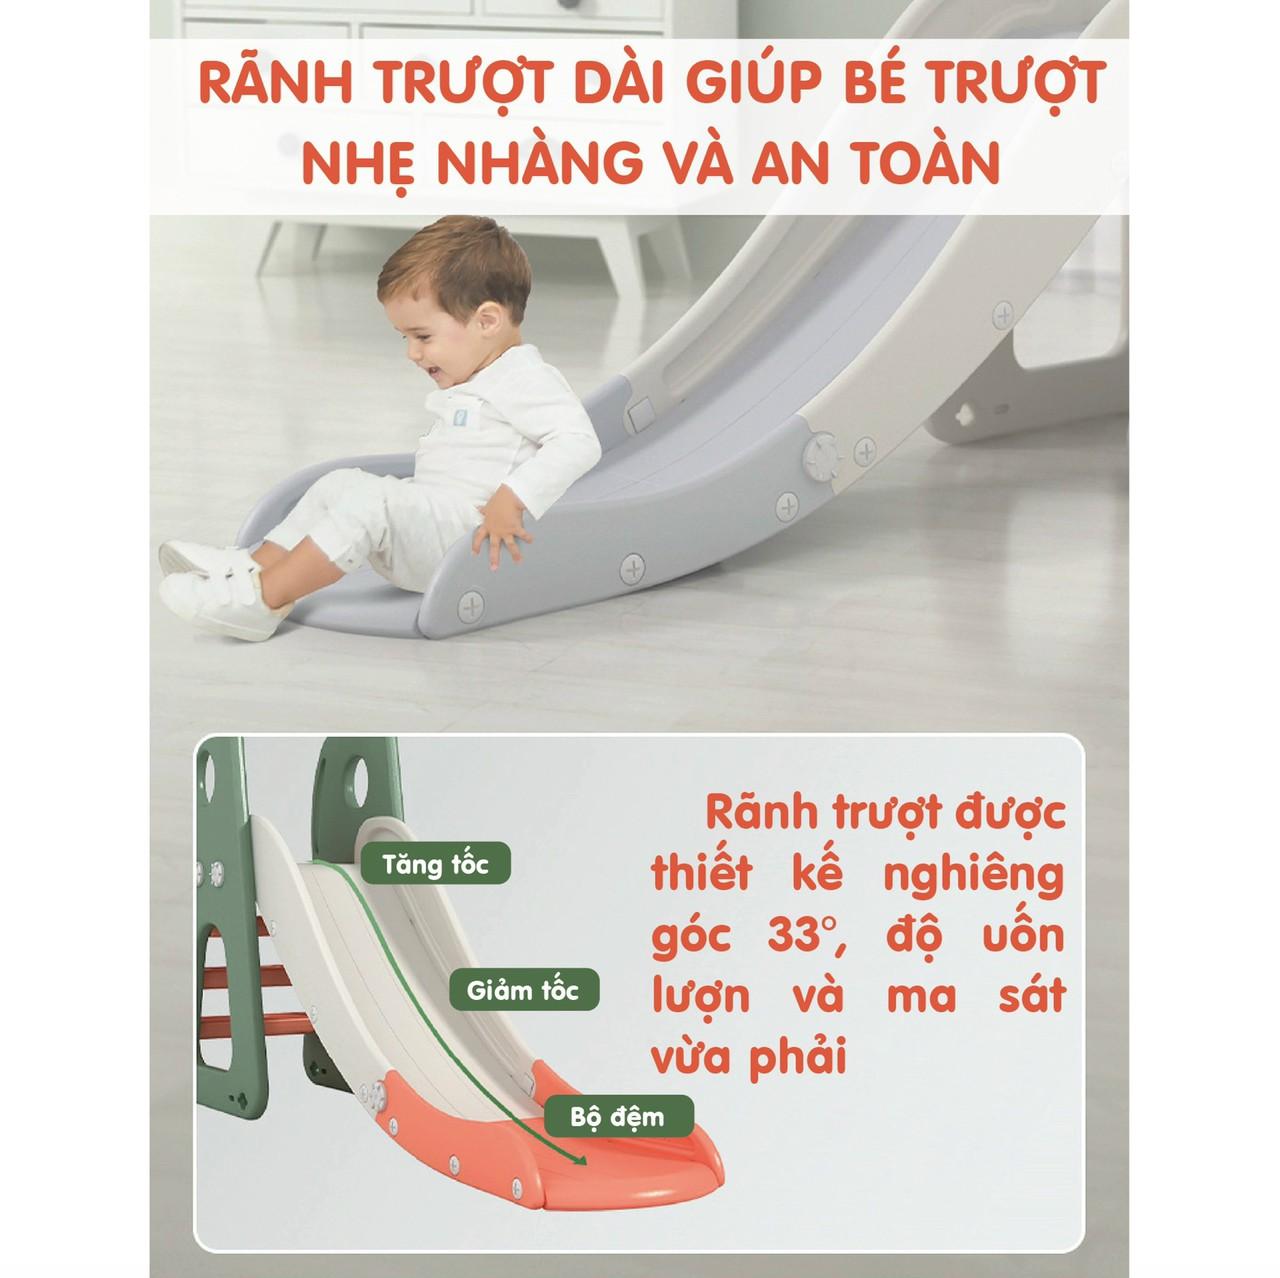 Cầu trượt Holla 5in1 - Bộ đồ chơi vận động và phát triển cho bé yêu